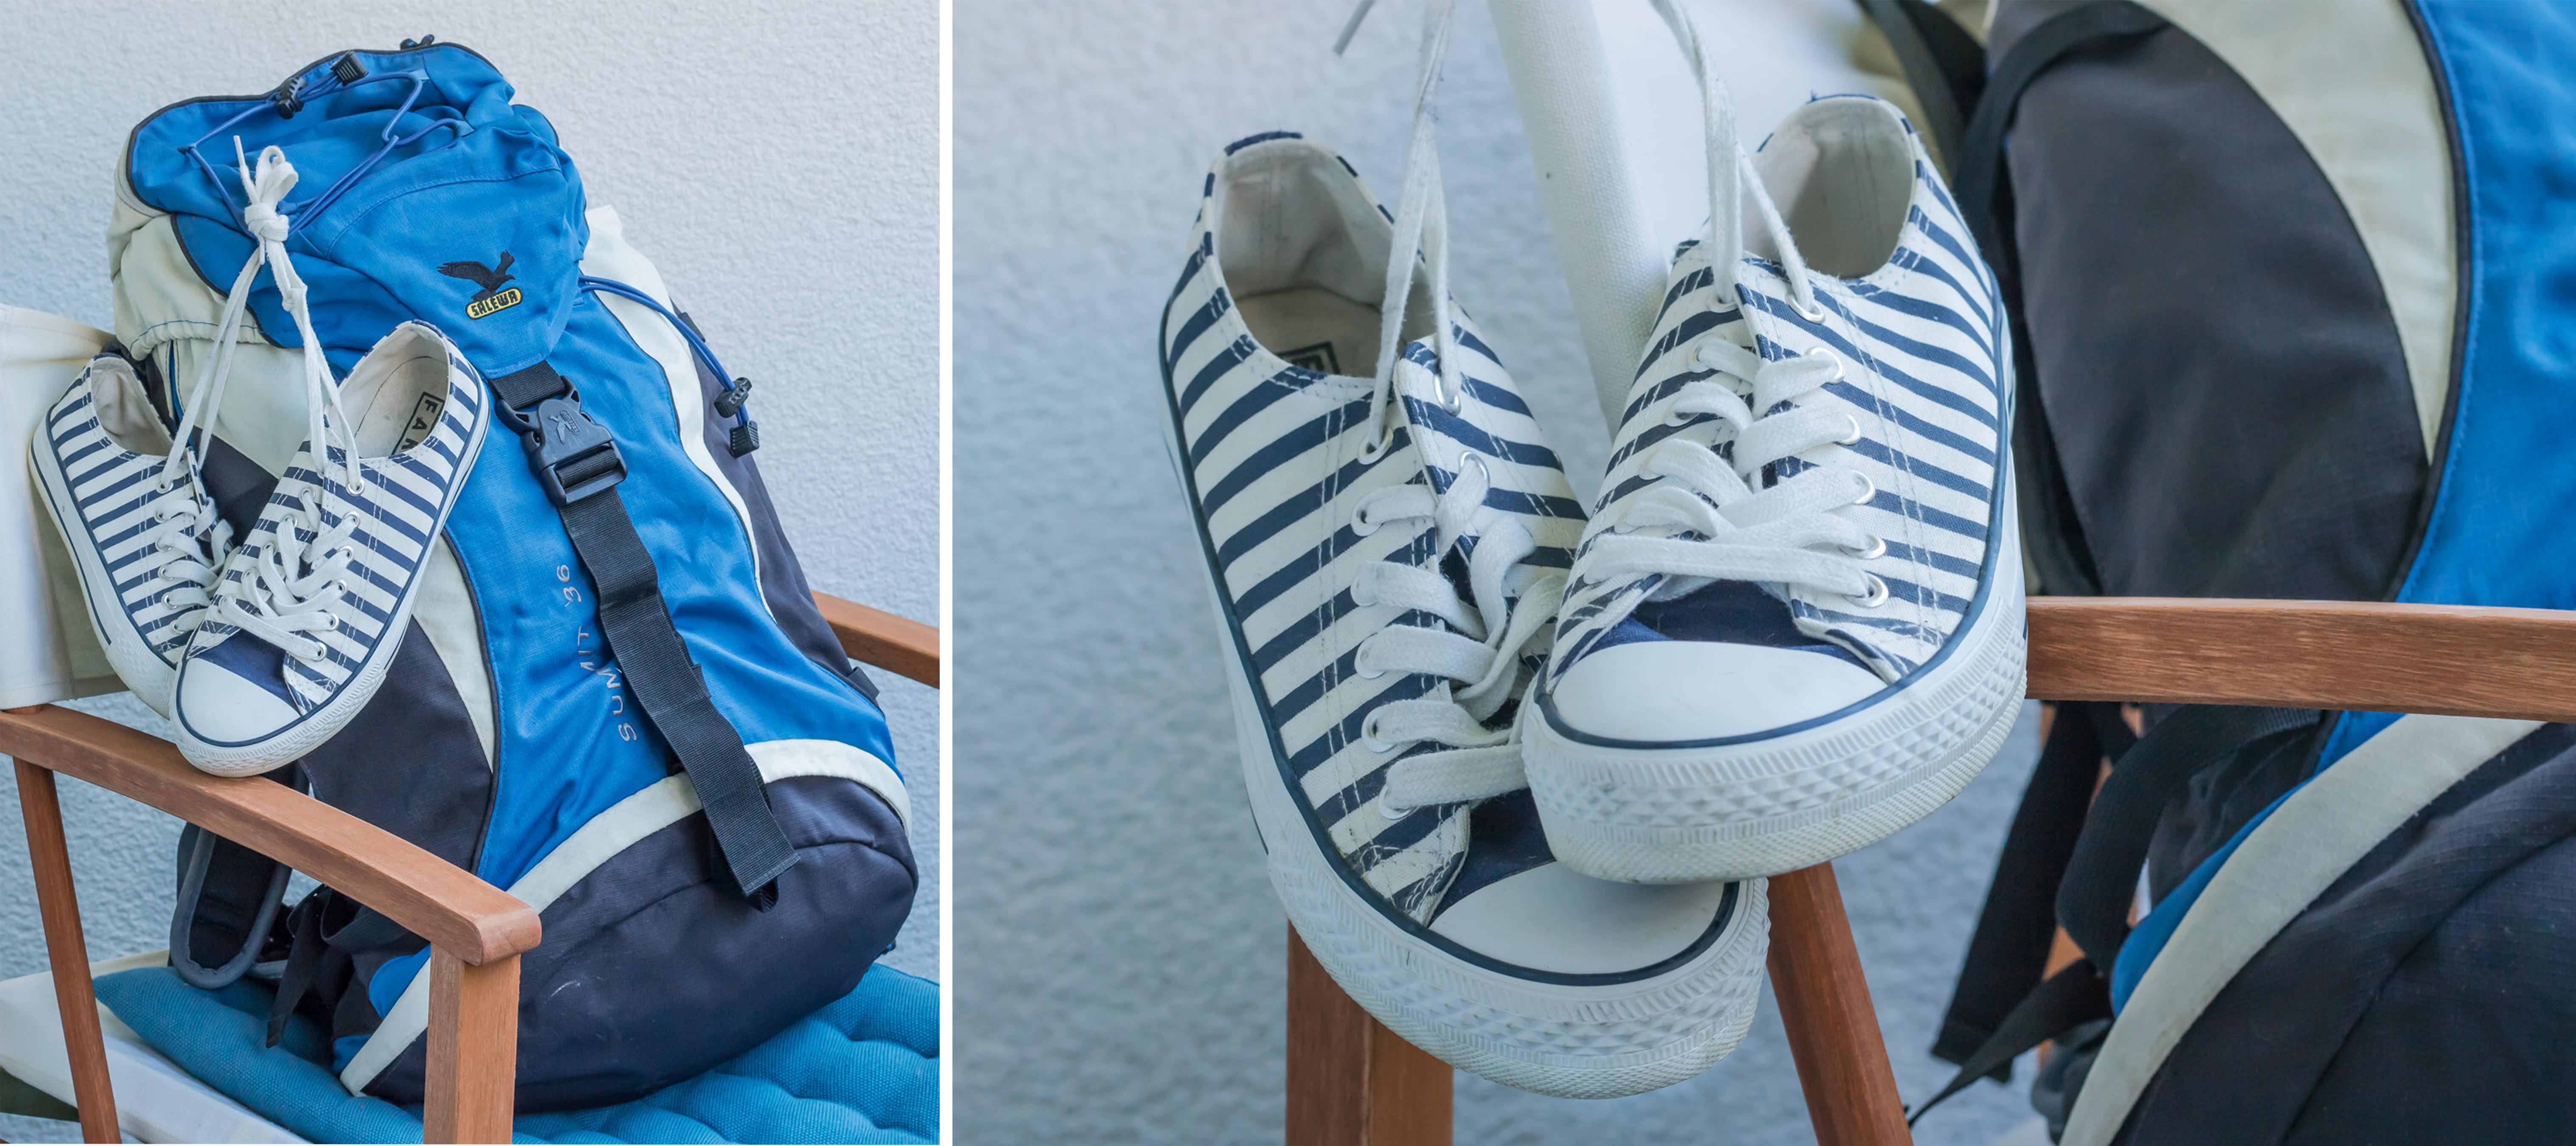 Mein Rucksack und meine Turnschuhe - weiß mit blauen Streifen. Wenig Gepäck ist das was zähltbeim Inselhüpfen, um flexibel zu sein.